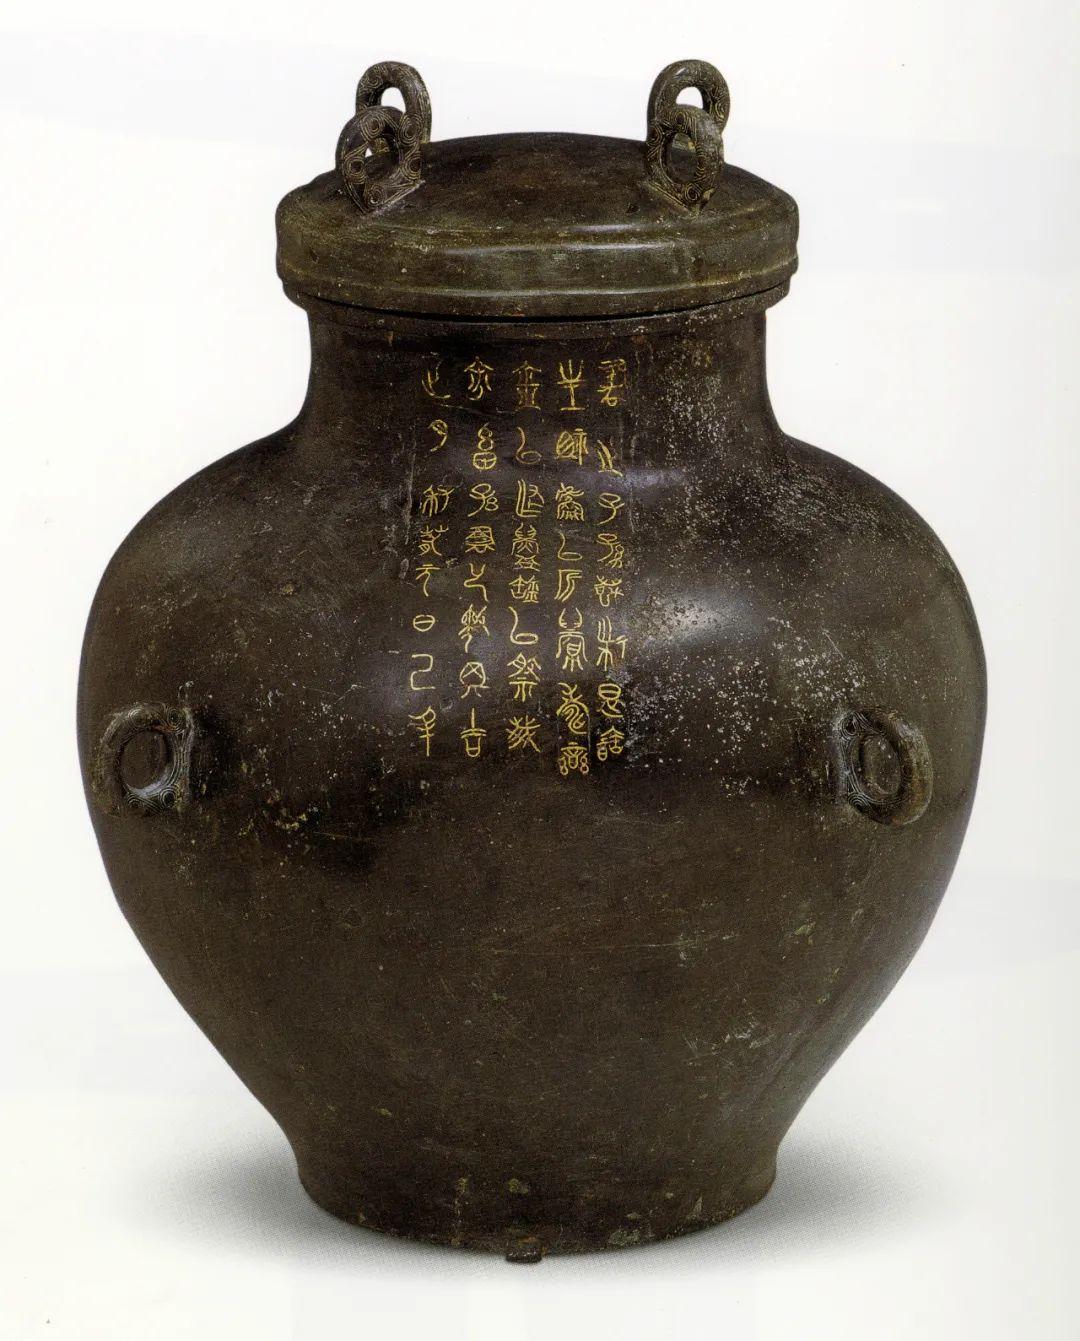 栾书缶 青铜战国 通高40.8cm 口径16.5cm 足径17cm 国家博物馆藏